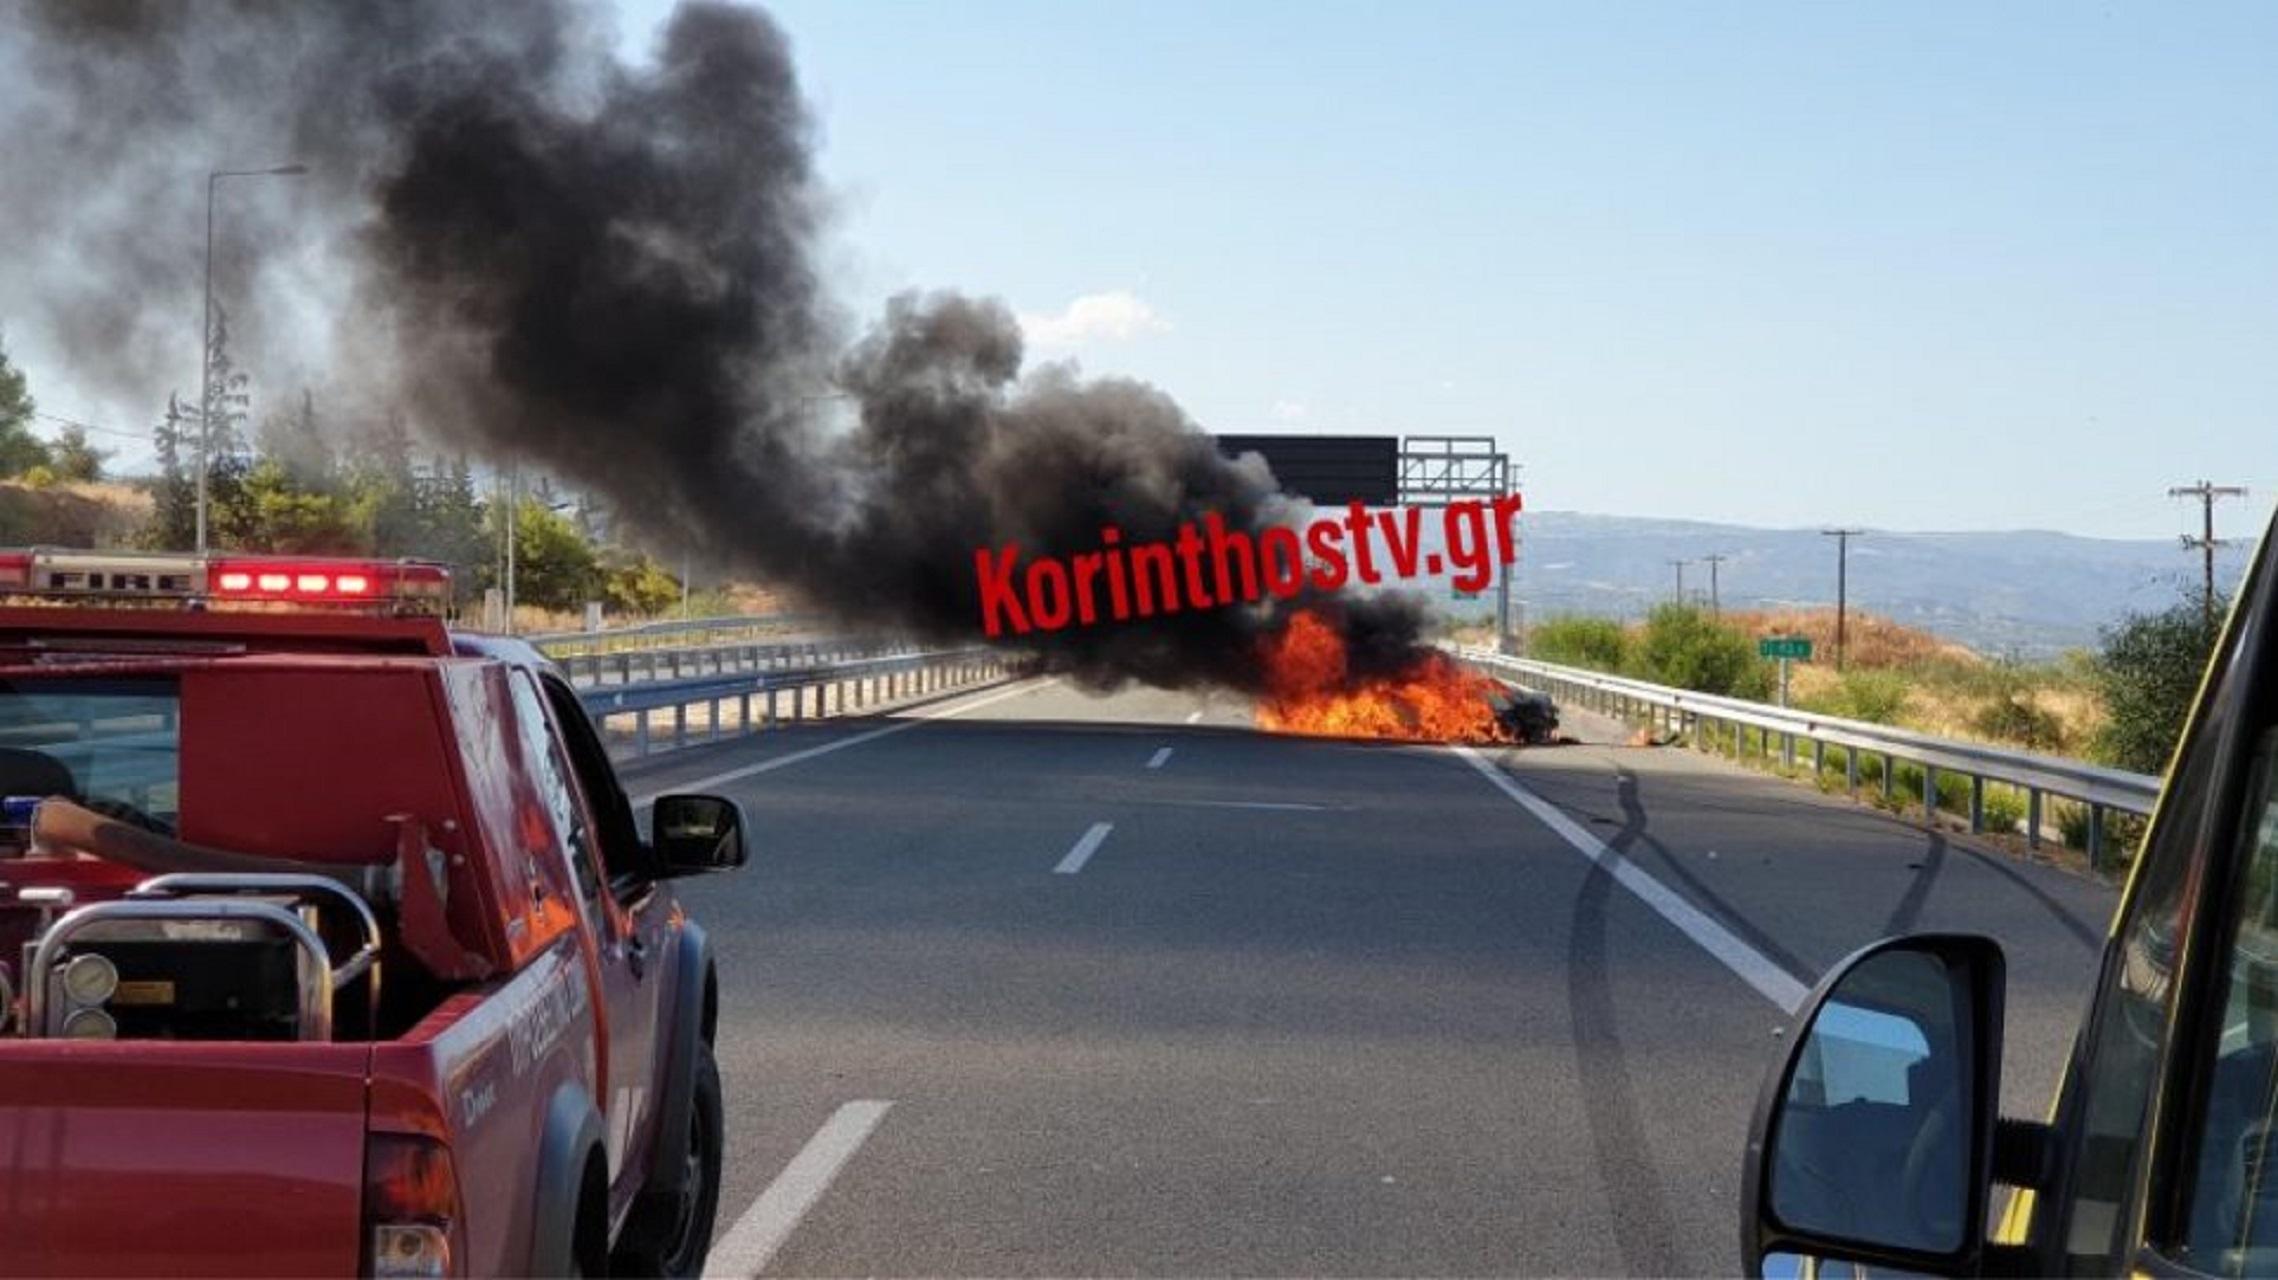 Αυτοκίνητο τυλίχθηκε στις φλόγες εν κινήσει στην εθνική οδό Αθηνών – Κορίνθου